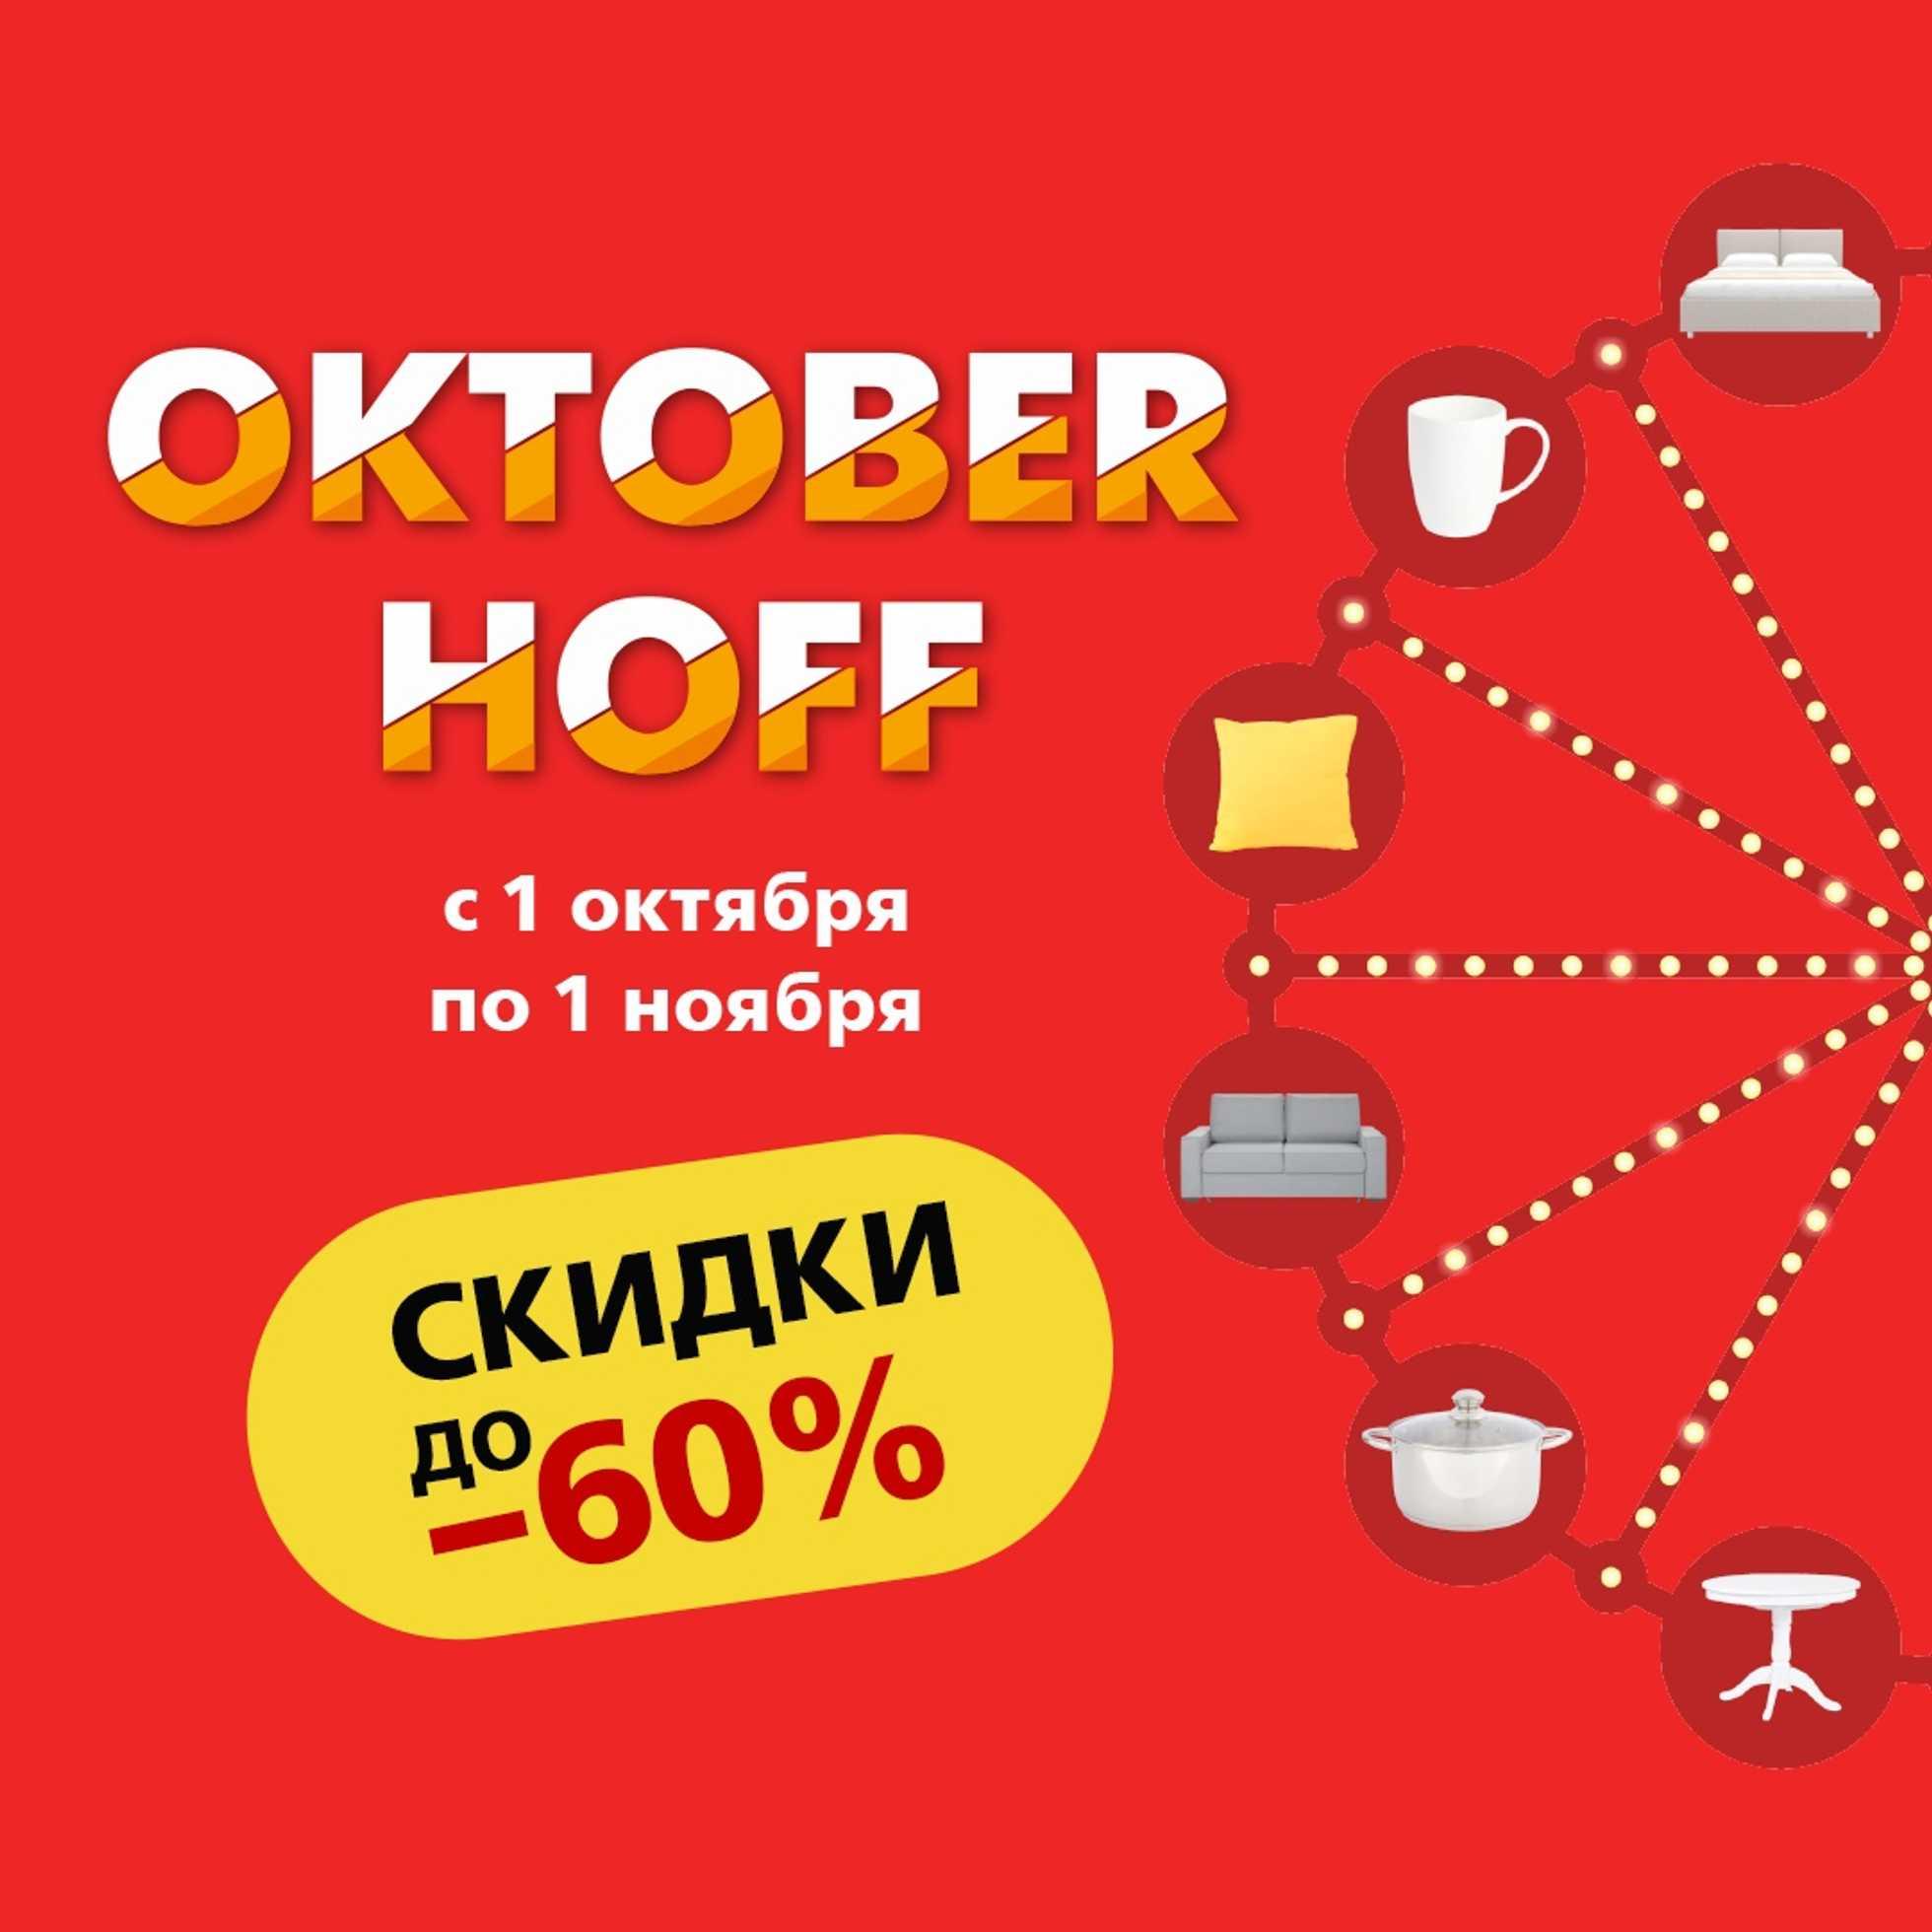 Хофф - каталог действителен с 01.10.2020 по 31.10.2020 - страница 1.